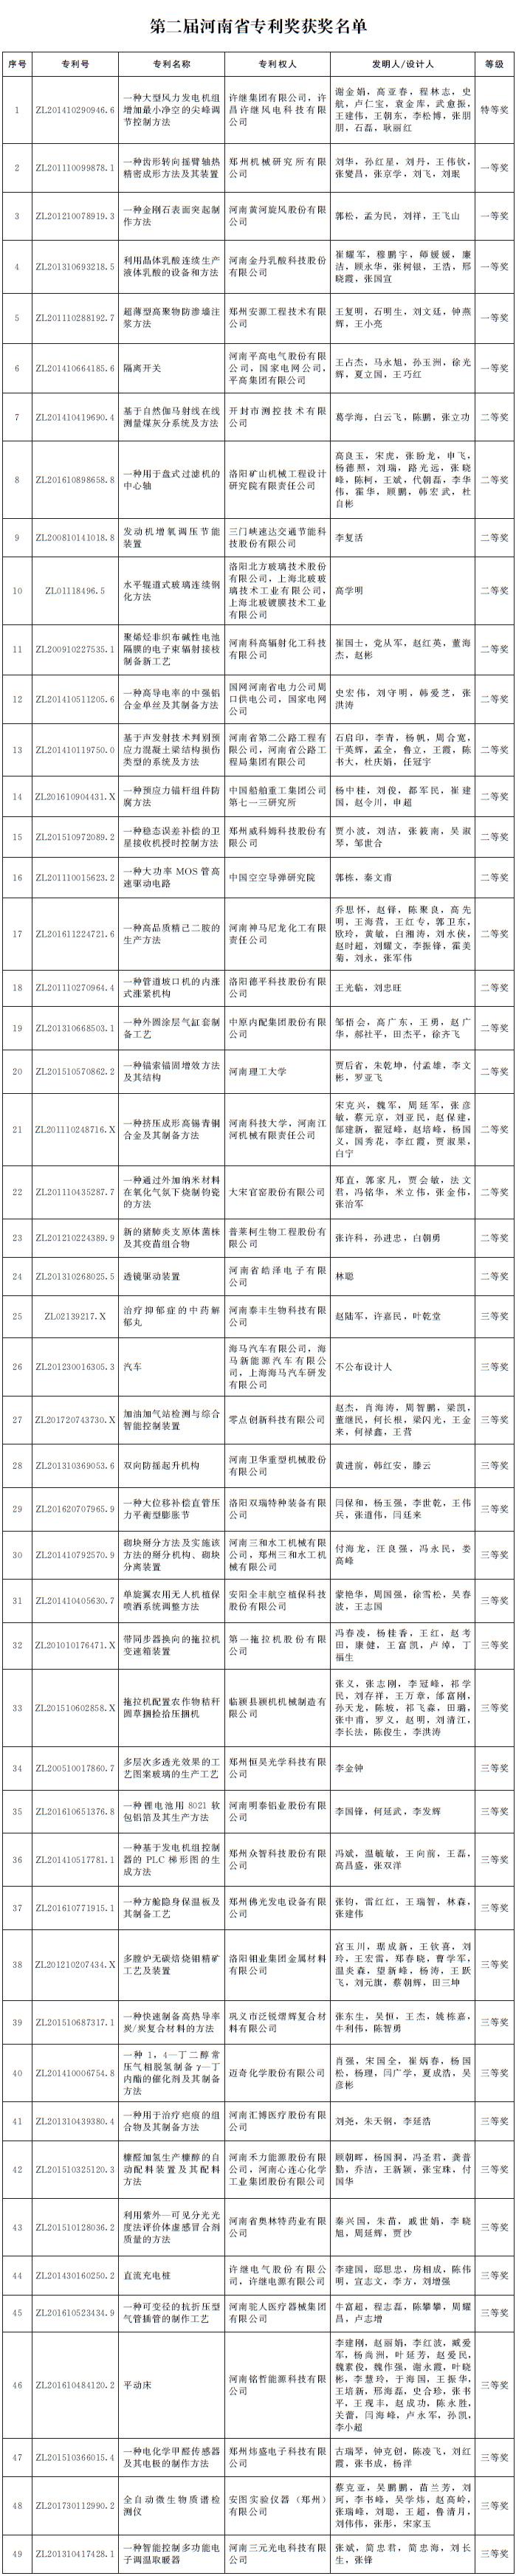 第二届河南省专利奖励名单公布 49项专利获奖